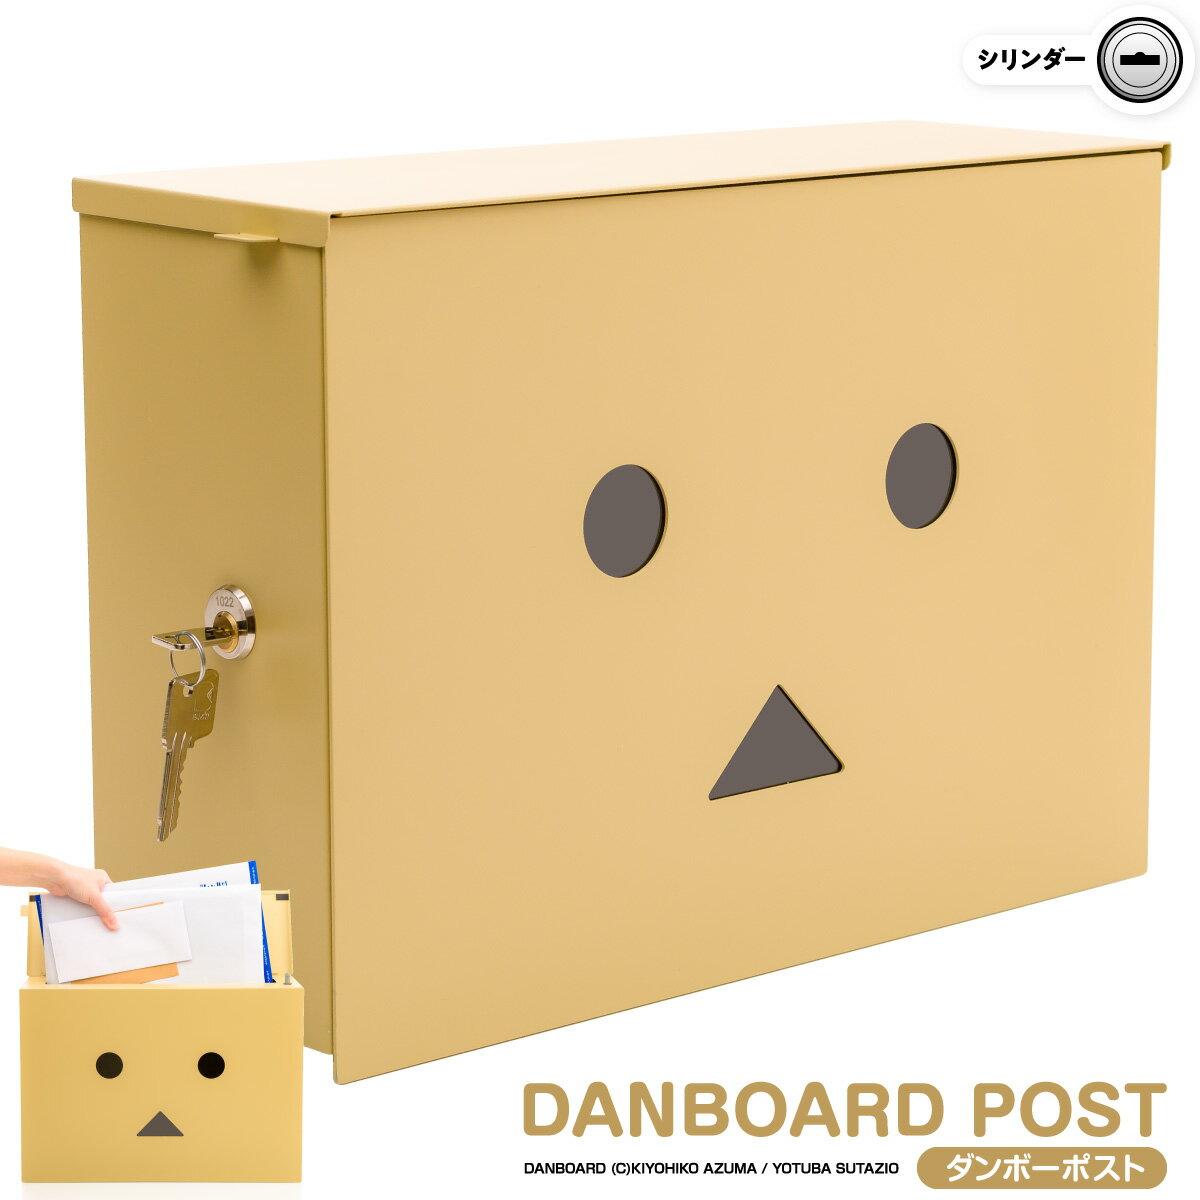 玄関・門用エクステリア, ポスト  DANBOARD POST A4 DANBOARD POST() DANBOBR